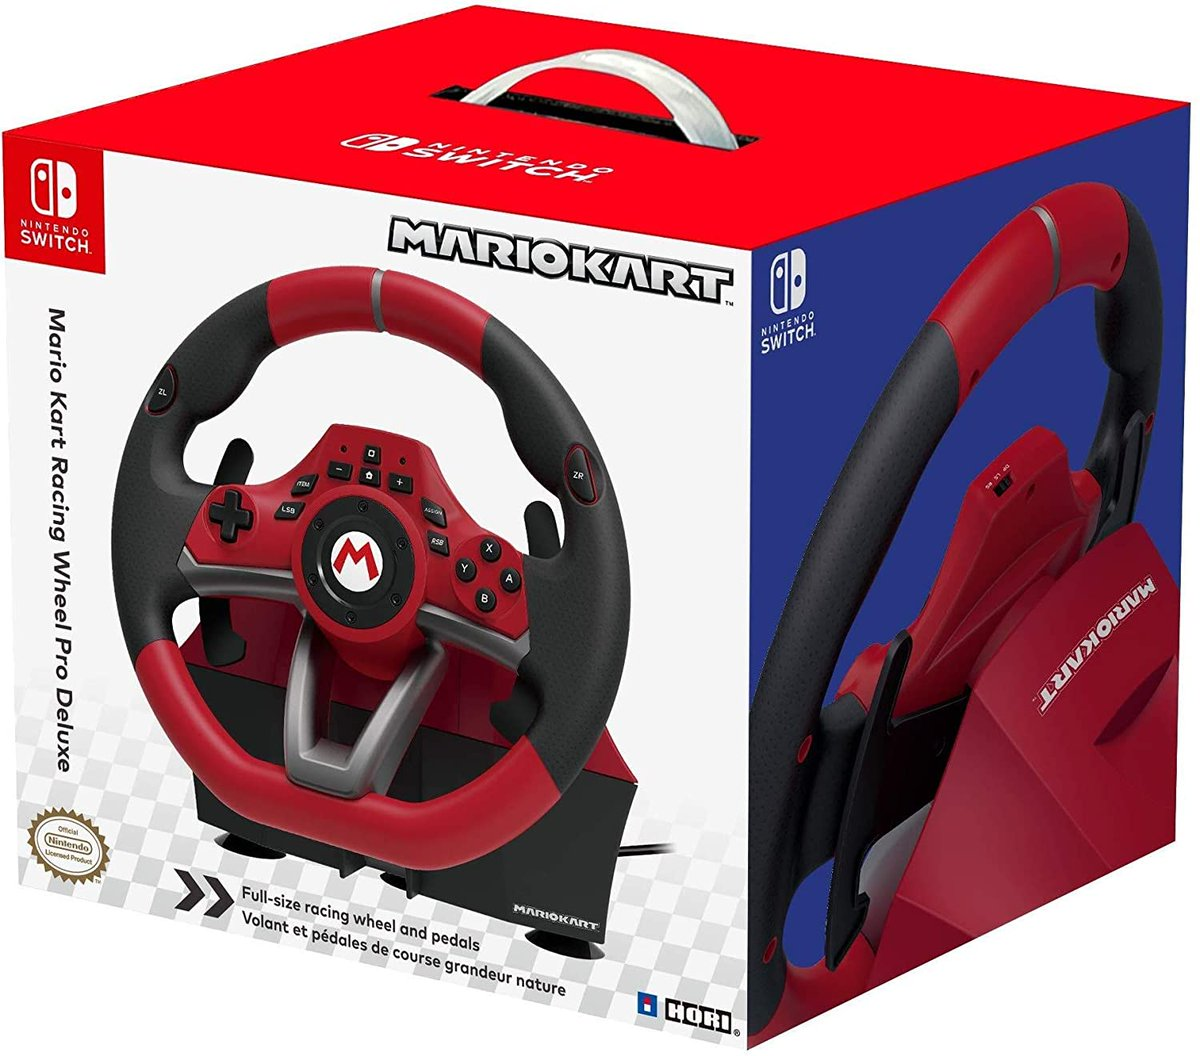 Nintendo Switch Mario Kart Racing Wheel Pro Deluxe is $82.94 on Amazon amzn.to/3gBU1gH